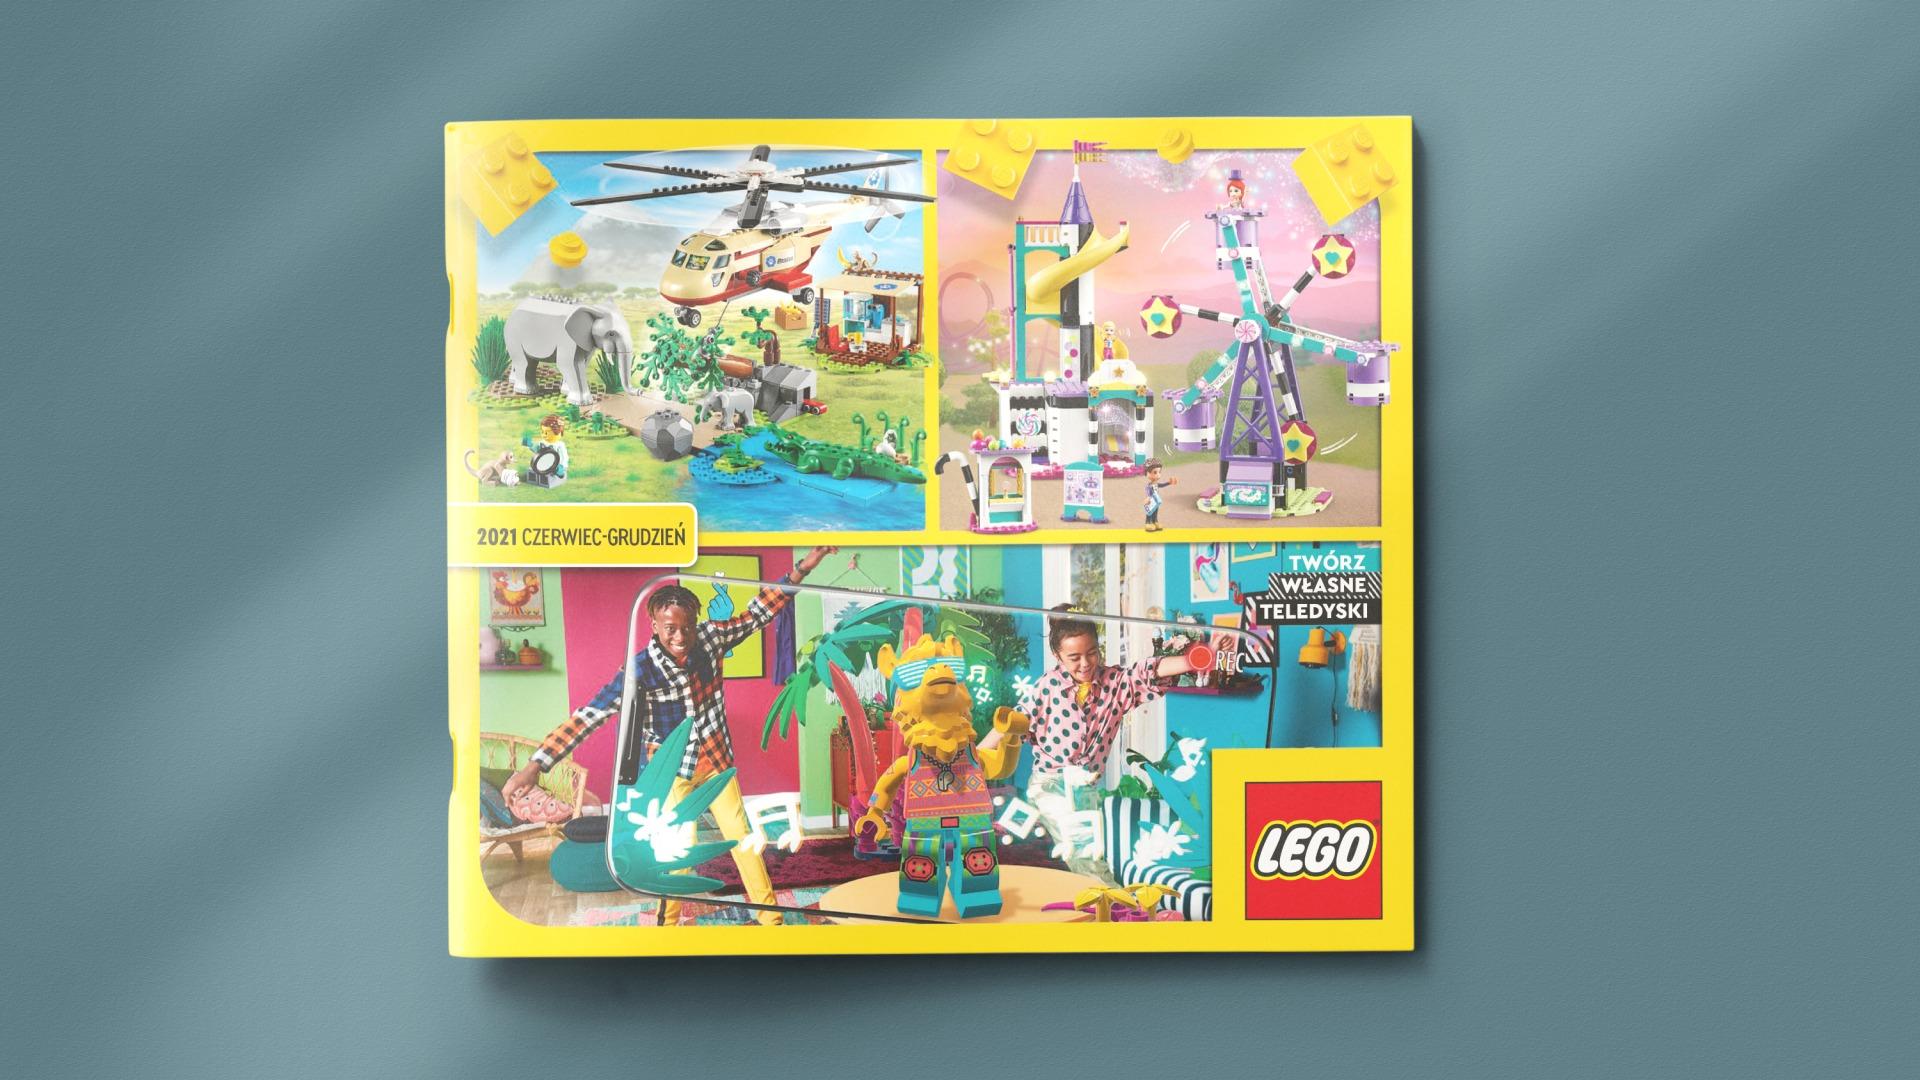 Katalog LEGO czerwiec-grudzień 2021